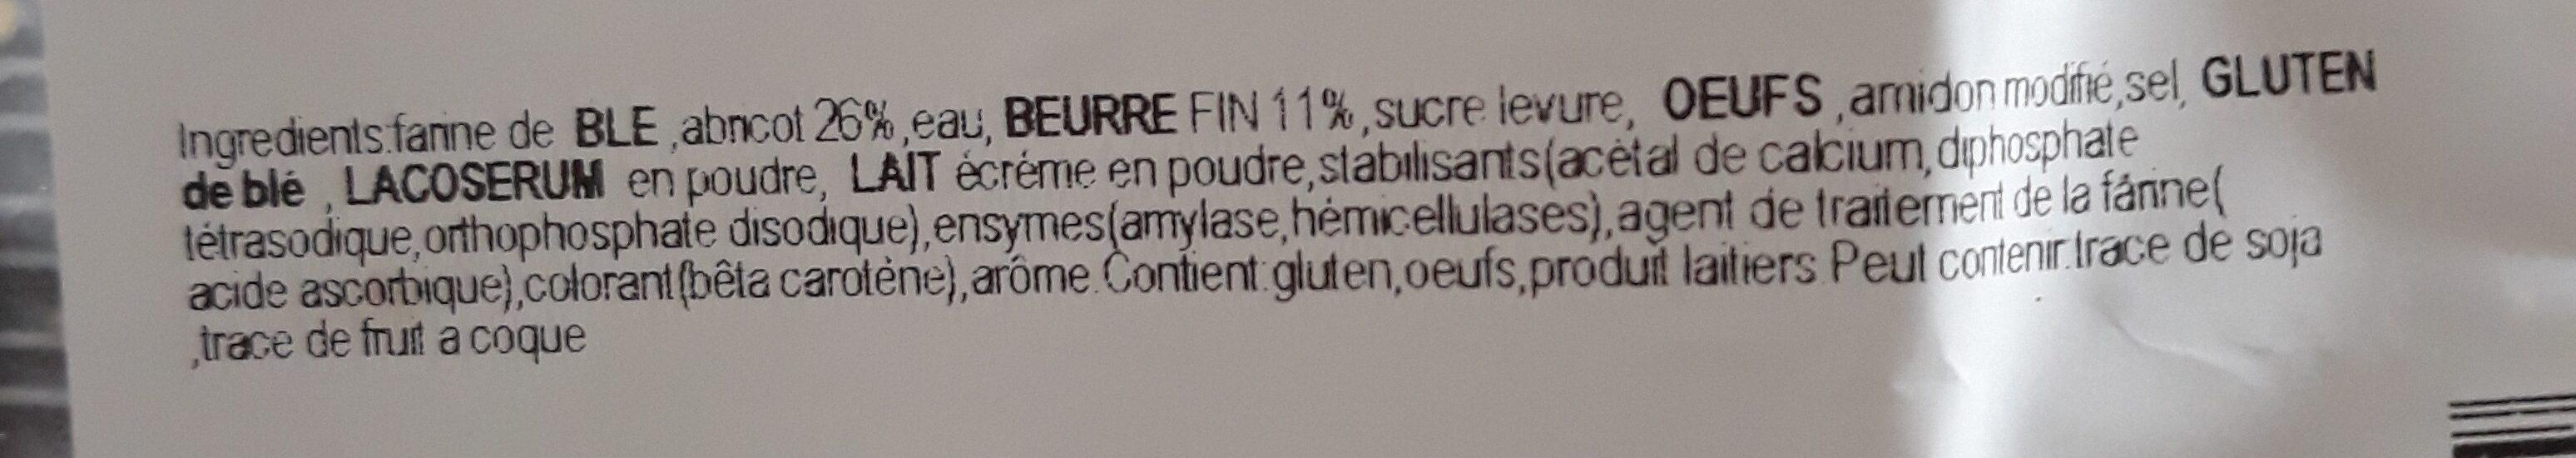 Abricotines - Ingrediënten - fr